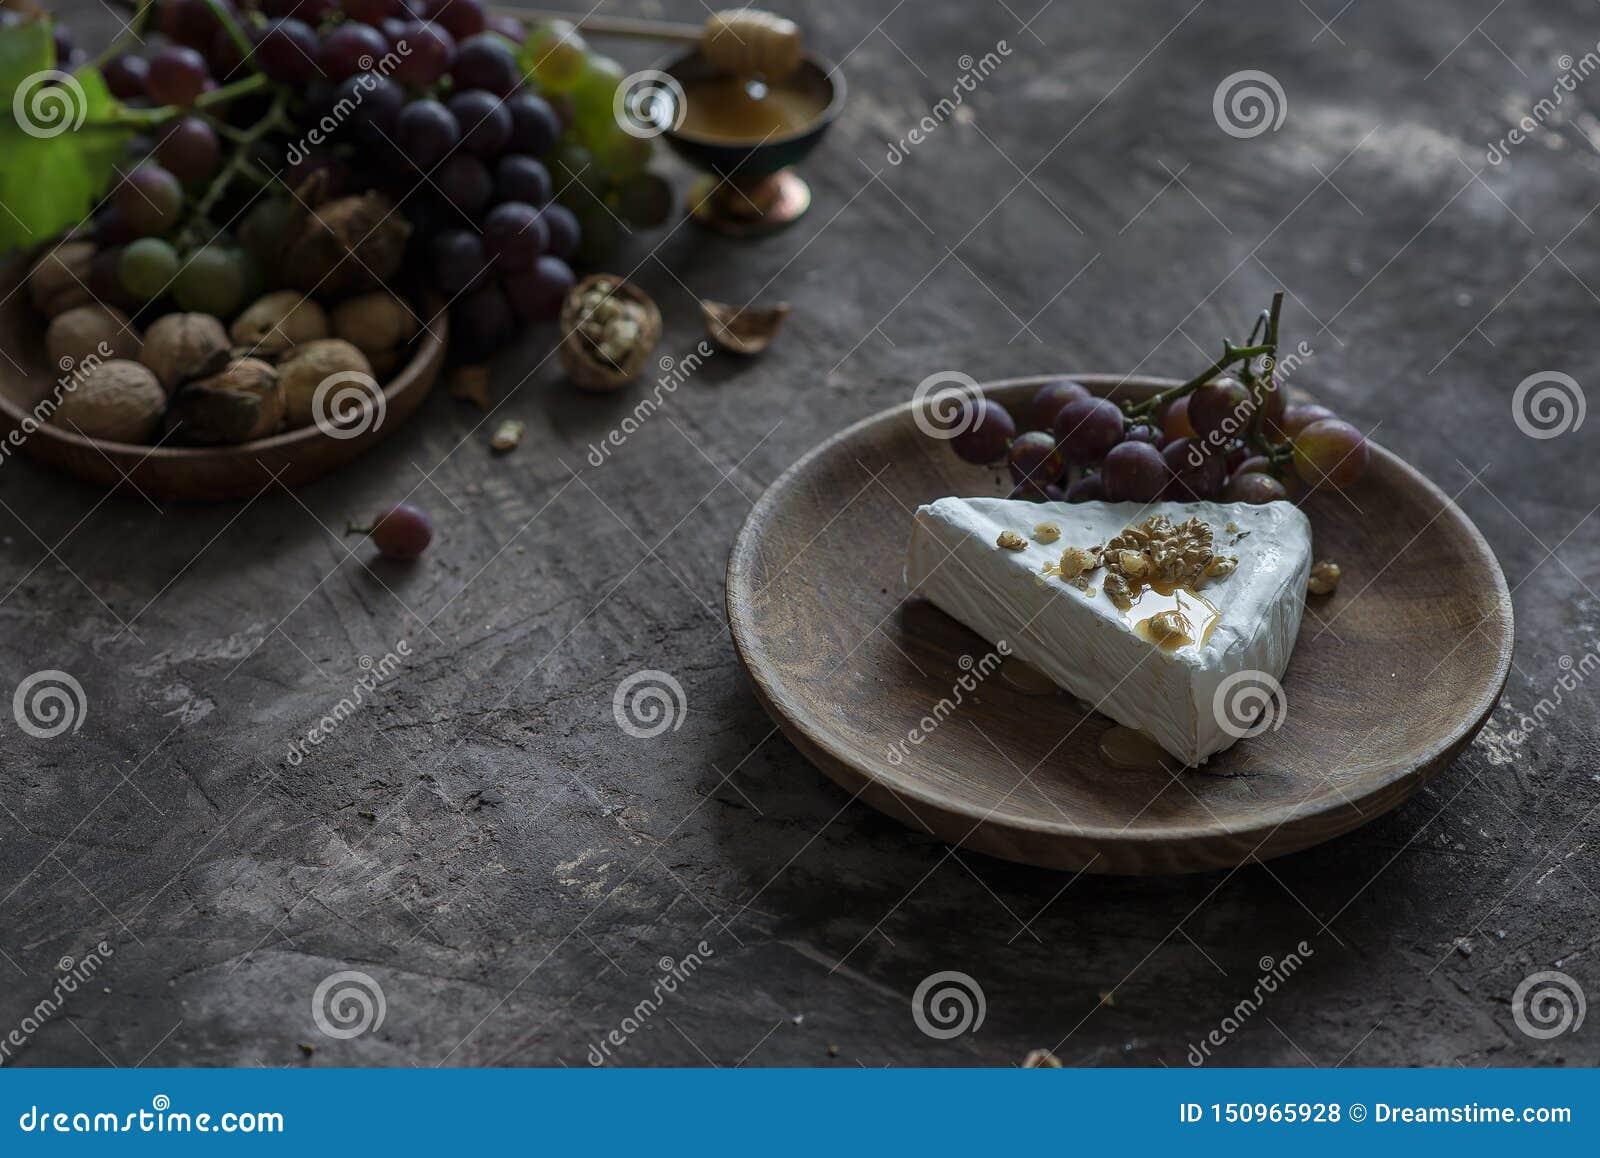 Brie serowy curd z miodem, orzechami włoskimi i winogronami,